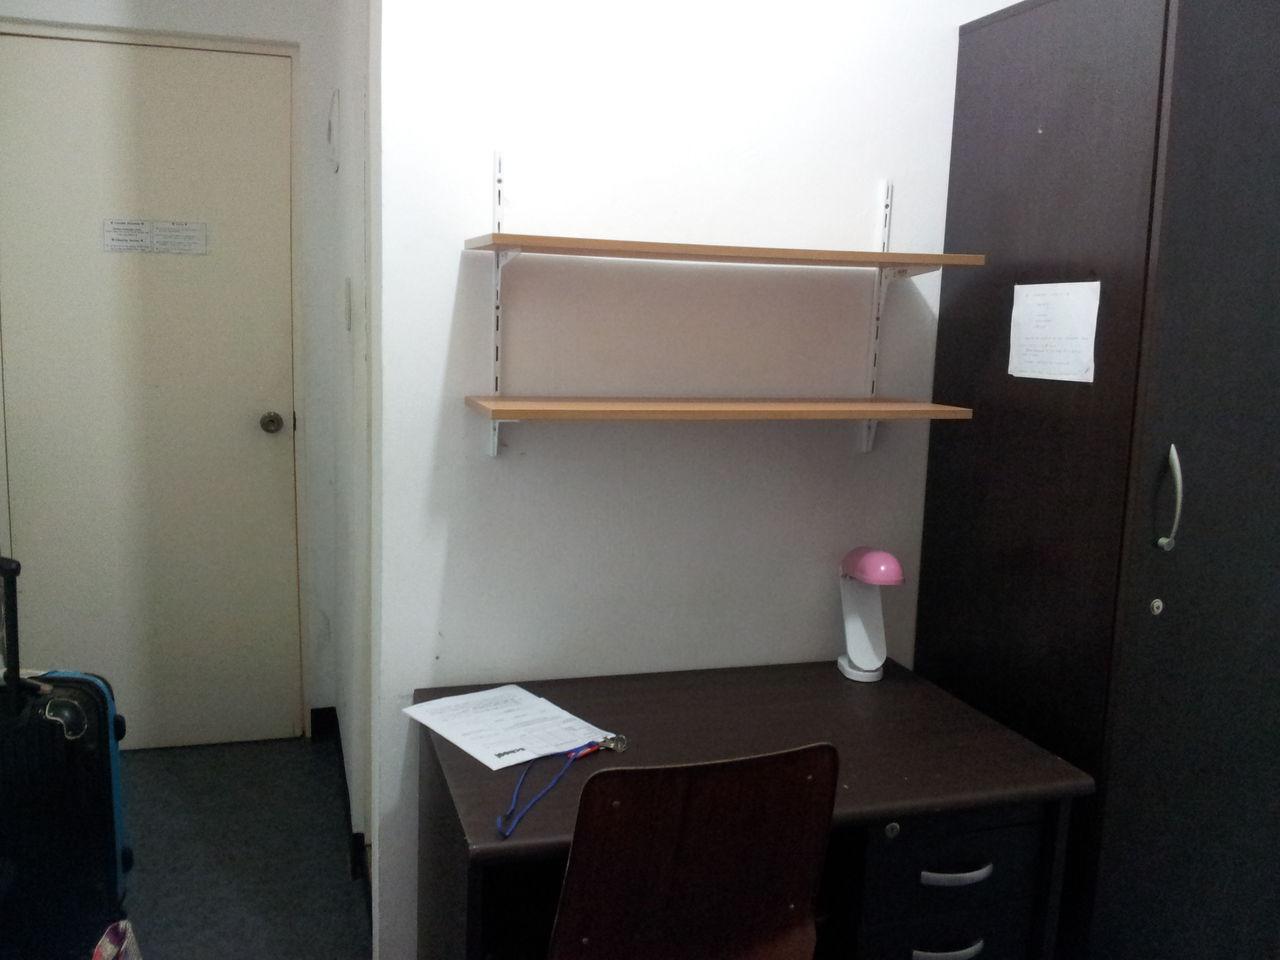 CIP(フィリピンでの留学先)の寮について3